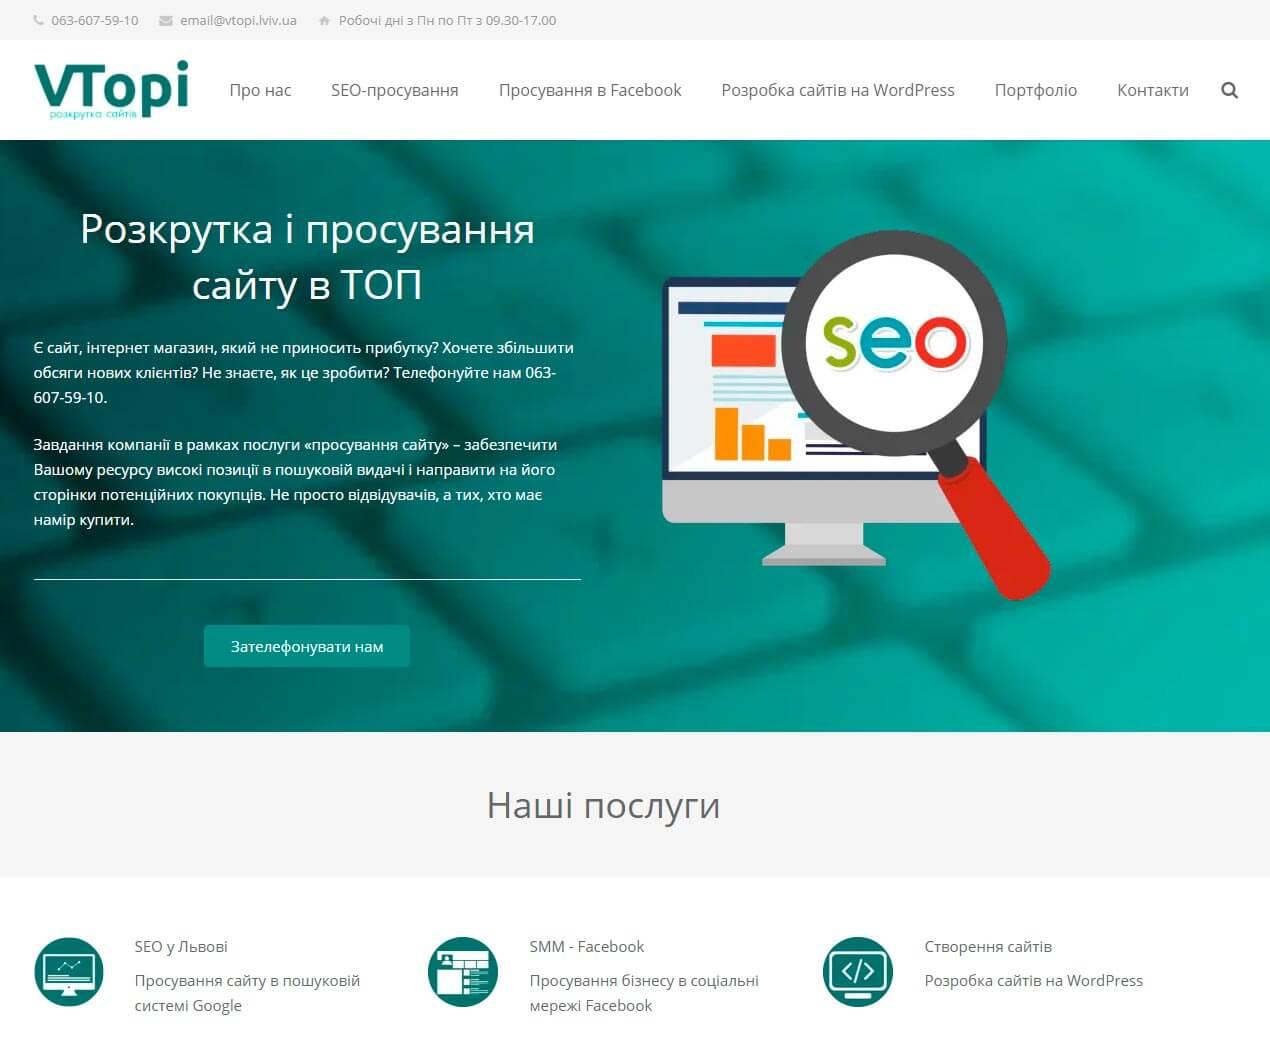 VTopi - обзор компании, услуги, отзывы, клиенты | Google SEO, Фото № 1 - google-seo.pro